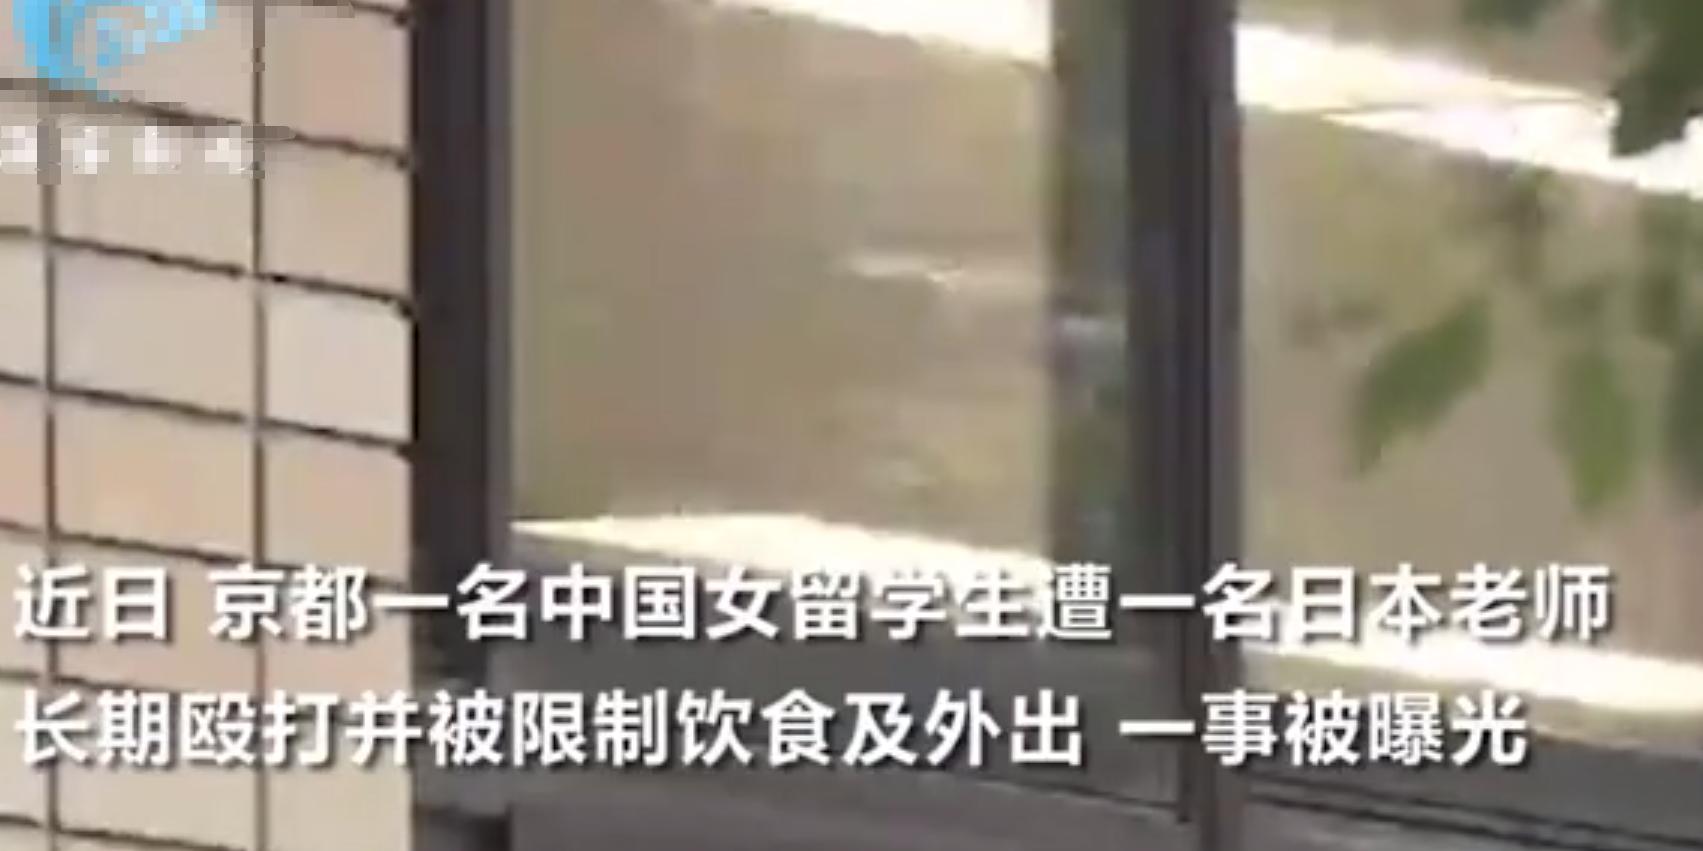 中国女留学生在日本被老师长期殴打,每天只许上一次厕所吃一顿饭